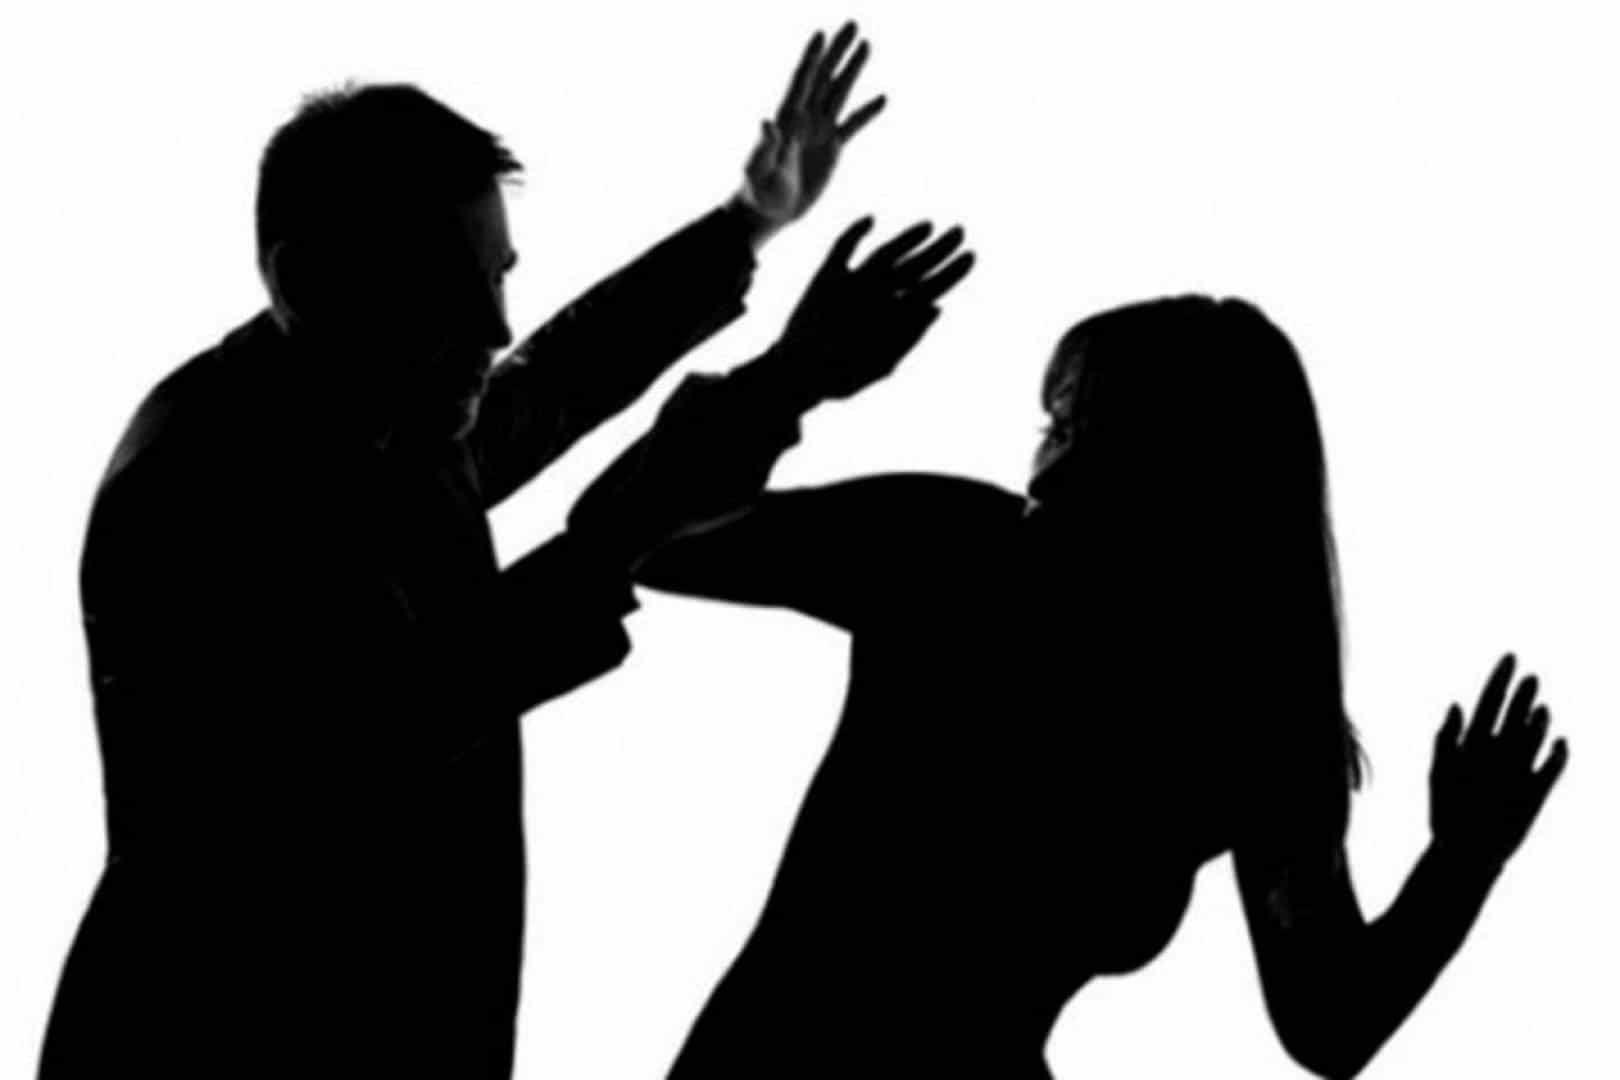 تغليظ عقوبة التعدي على الزوجة بالضرب والحبس يصل إلى 5 سنوات للزوج In 2021 Human Silhouette Silhouette Human